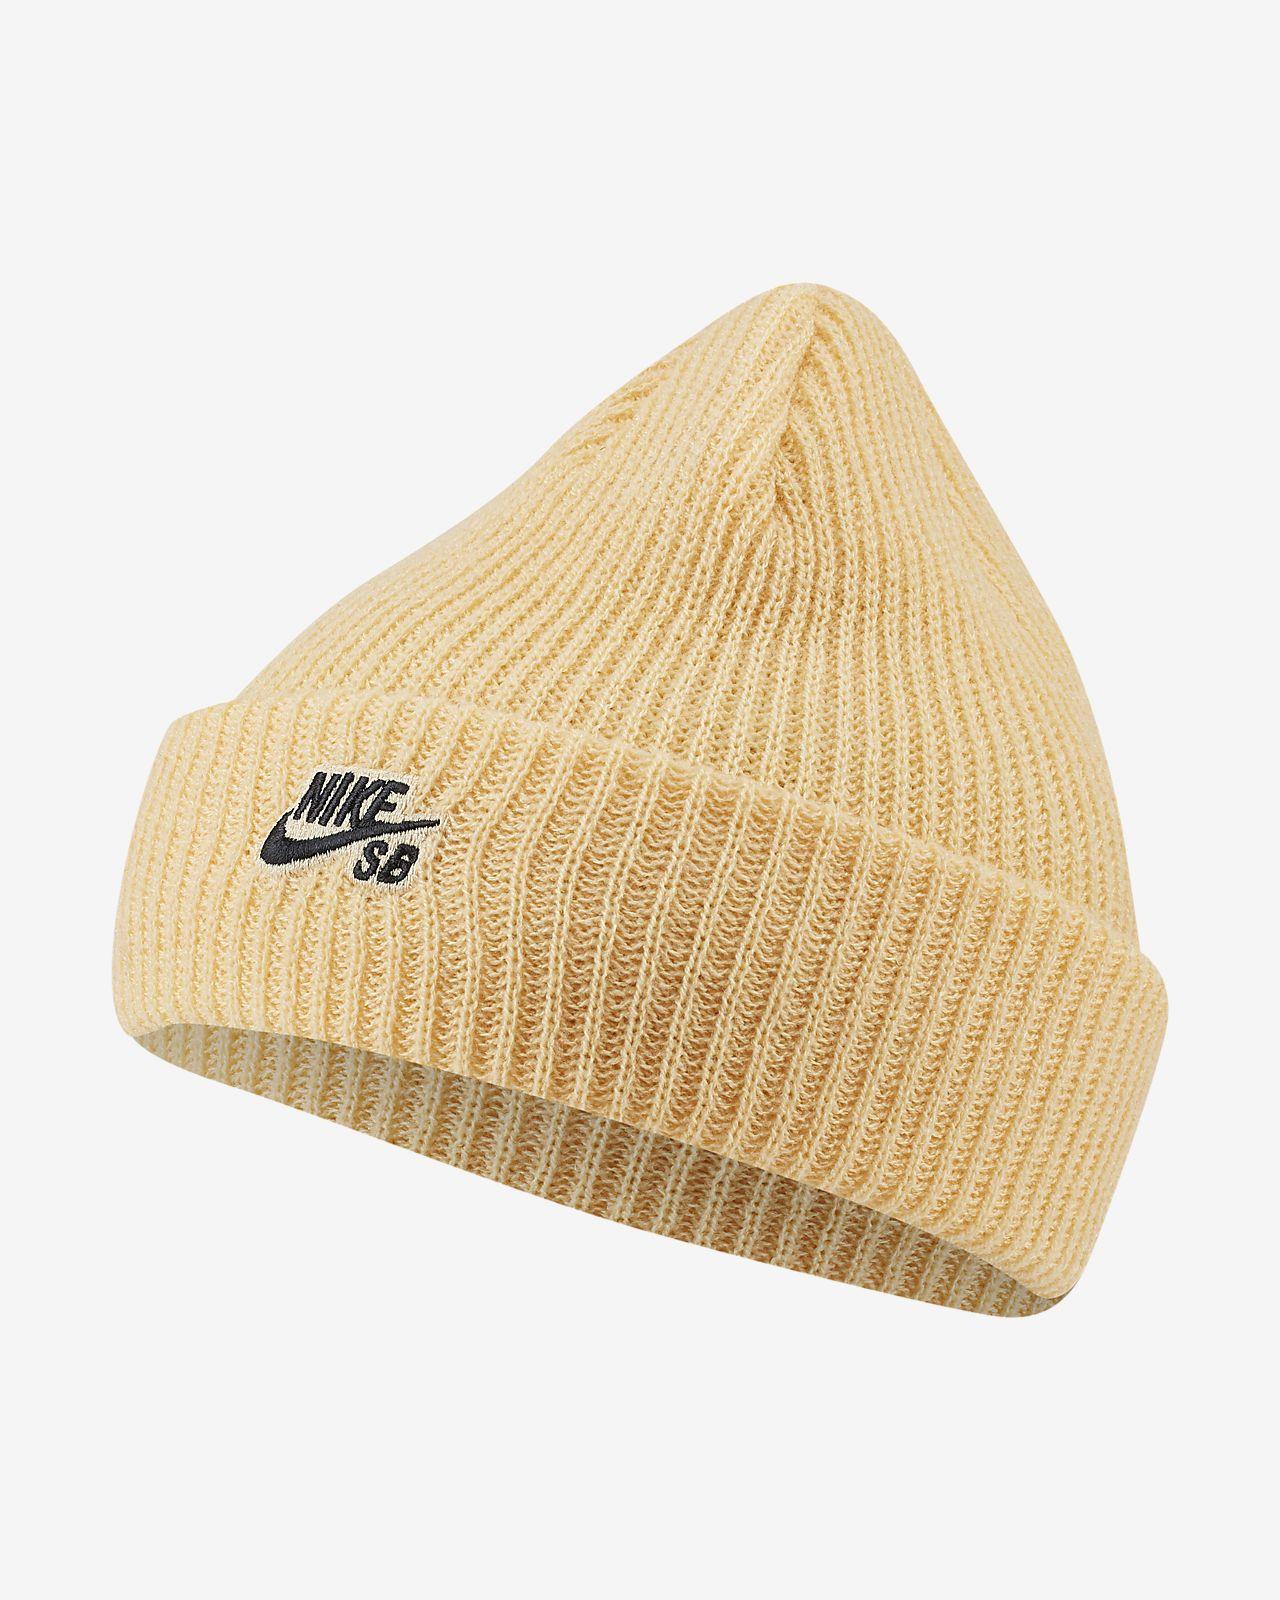 fb789f1717e55 Bonnet en maille Nike SB Fisherman. Nike.com FR